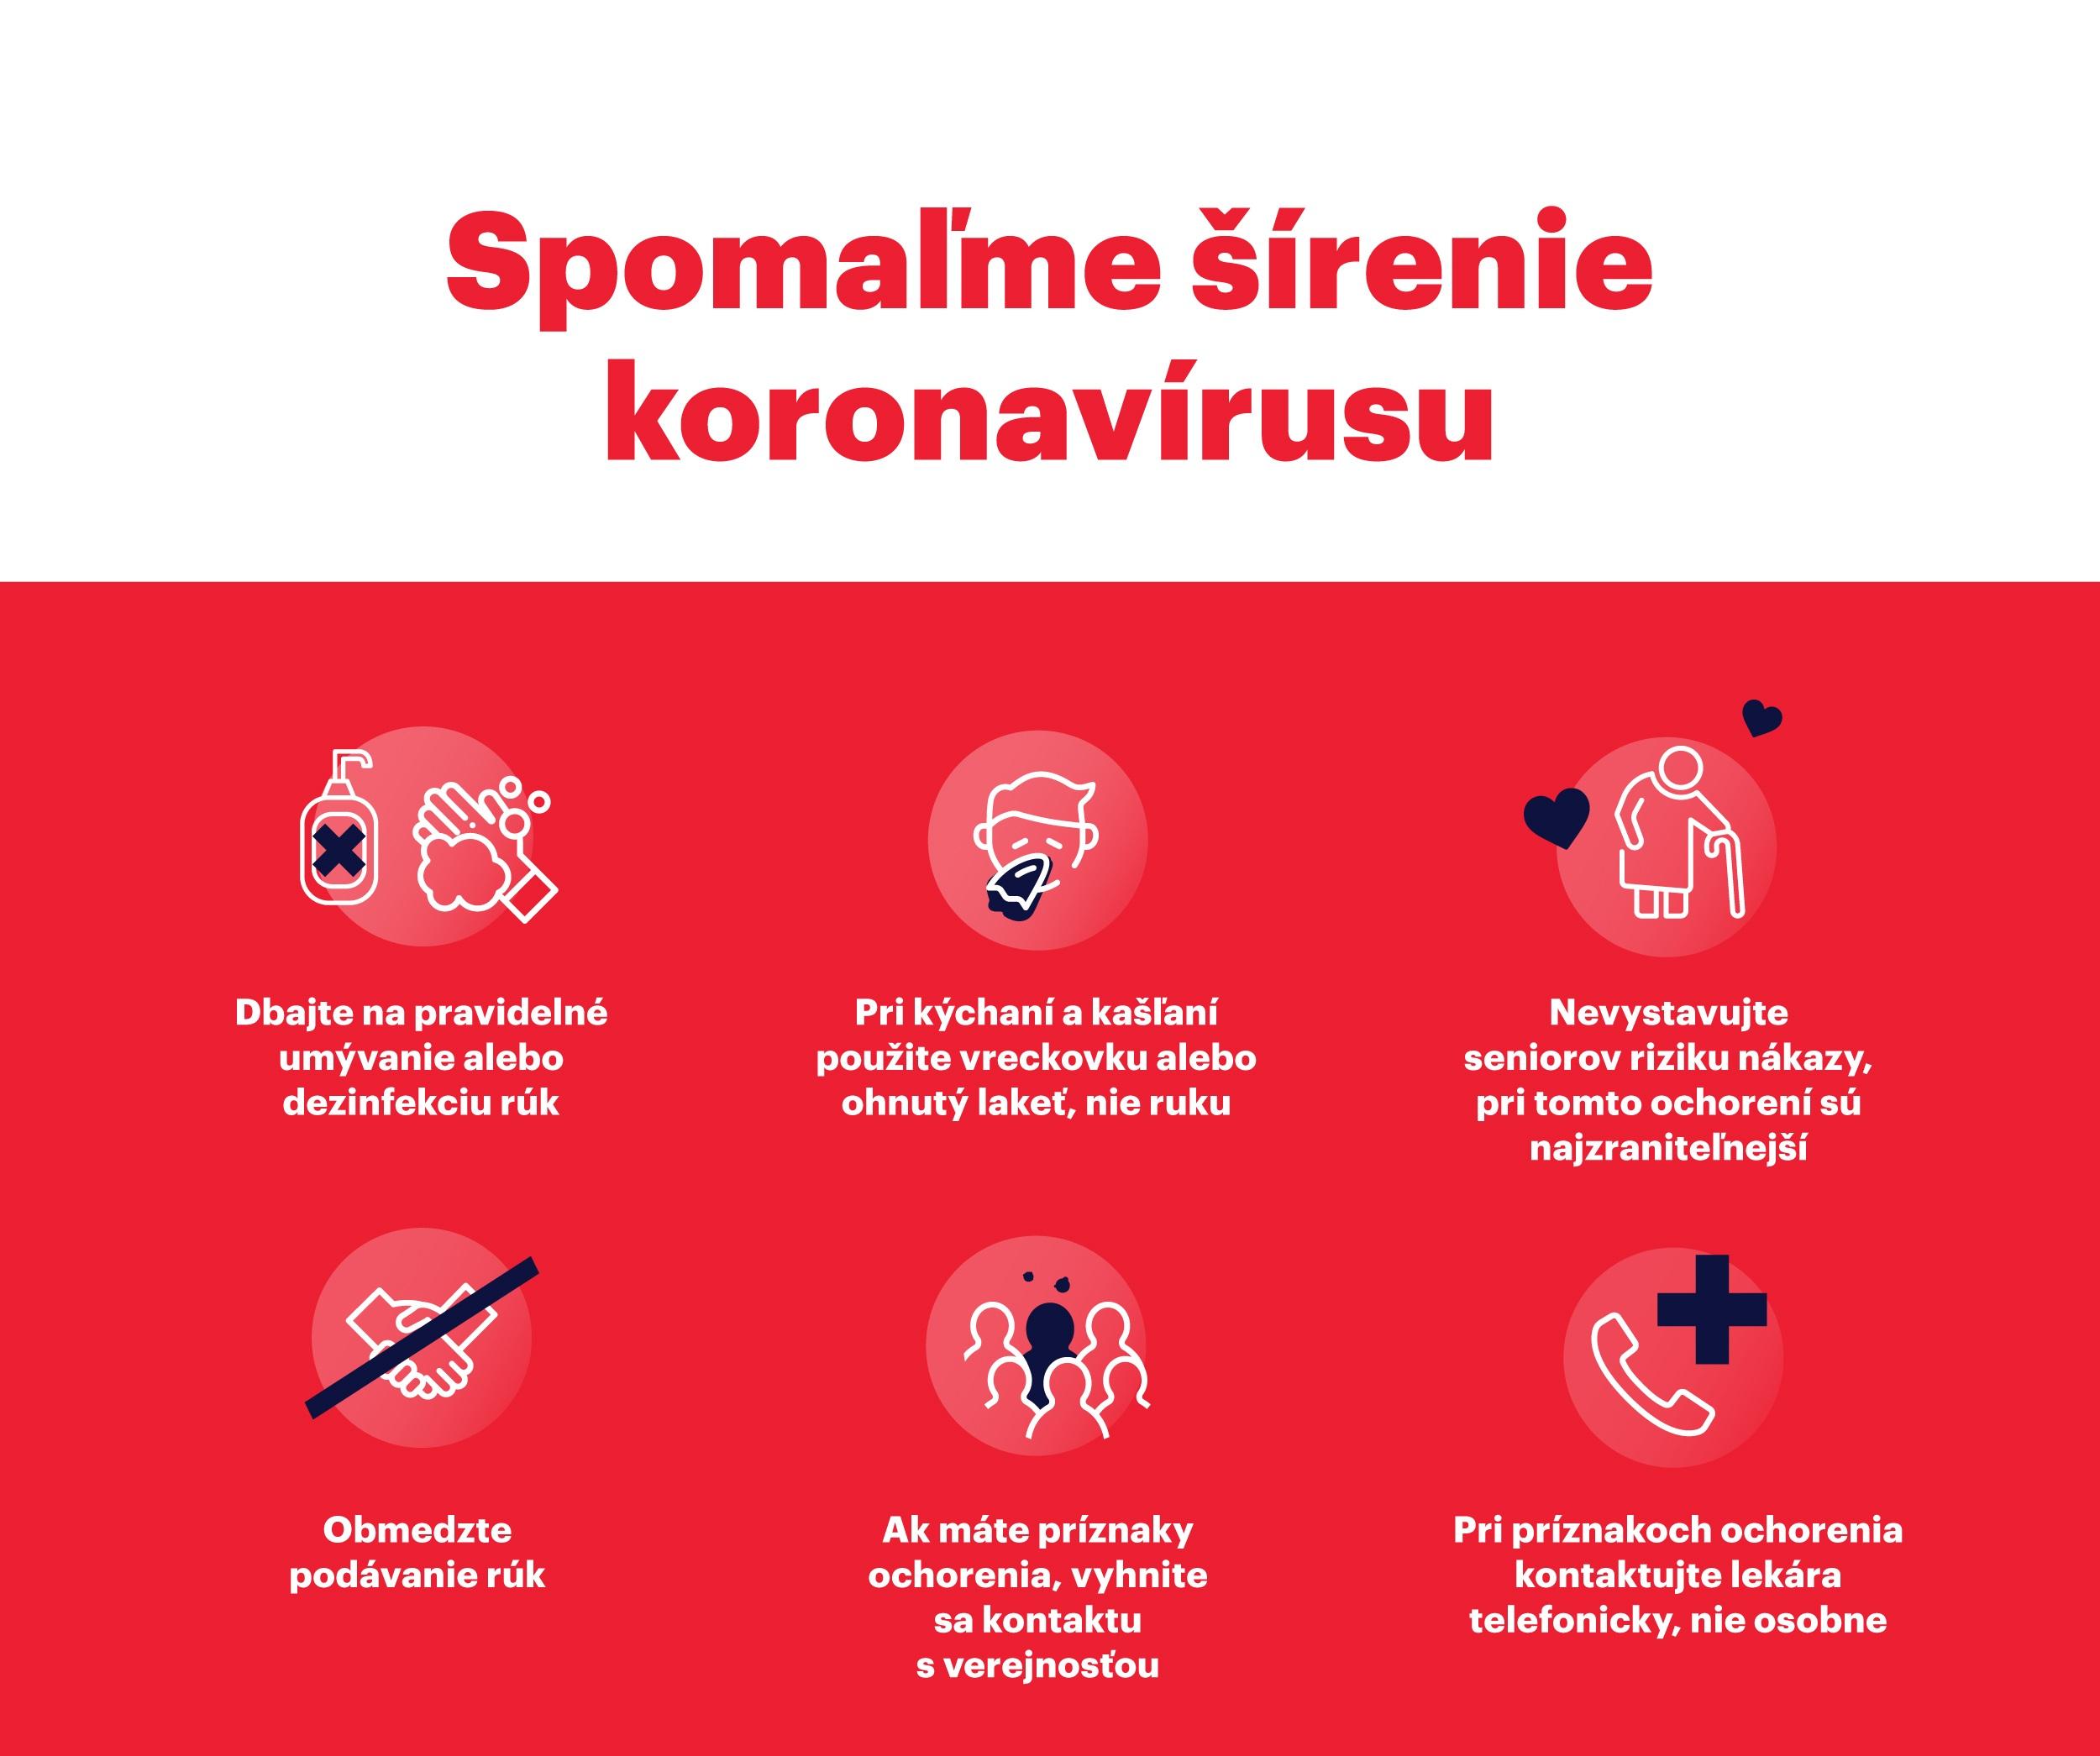 Bratislava | Informácie a odporúčania k novému koronavírusu a ...